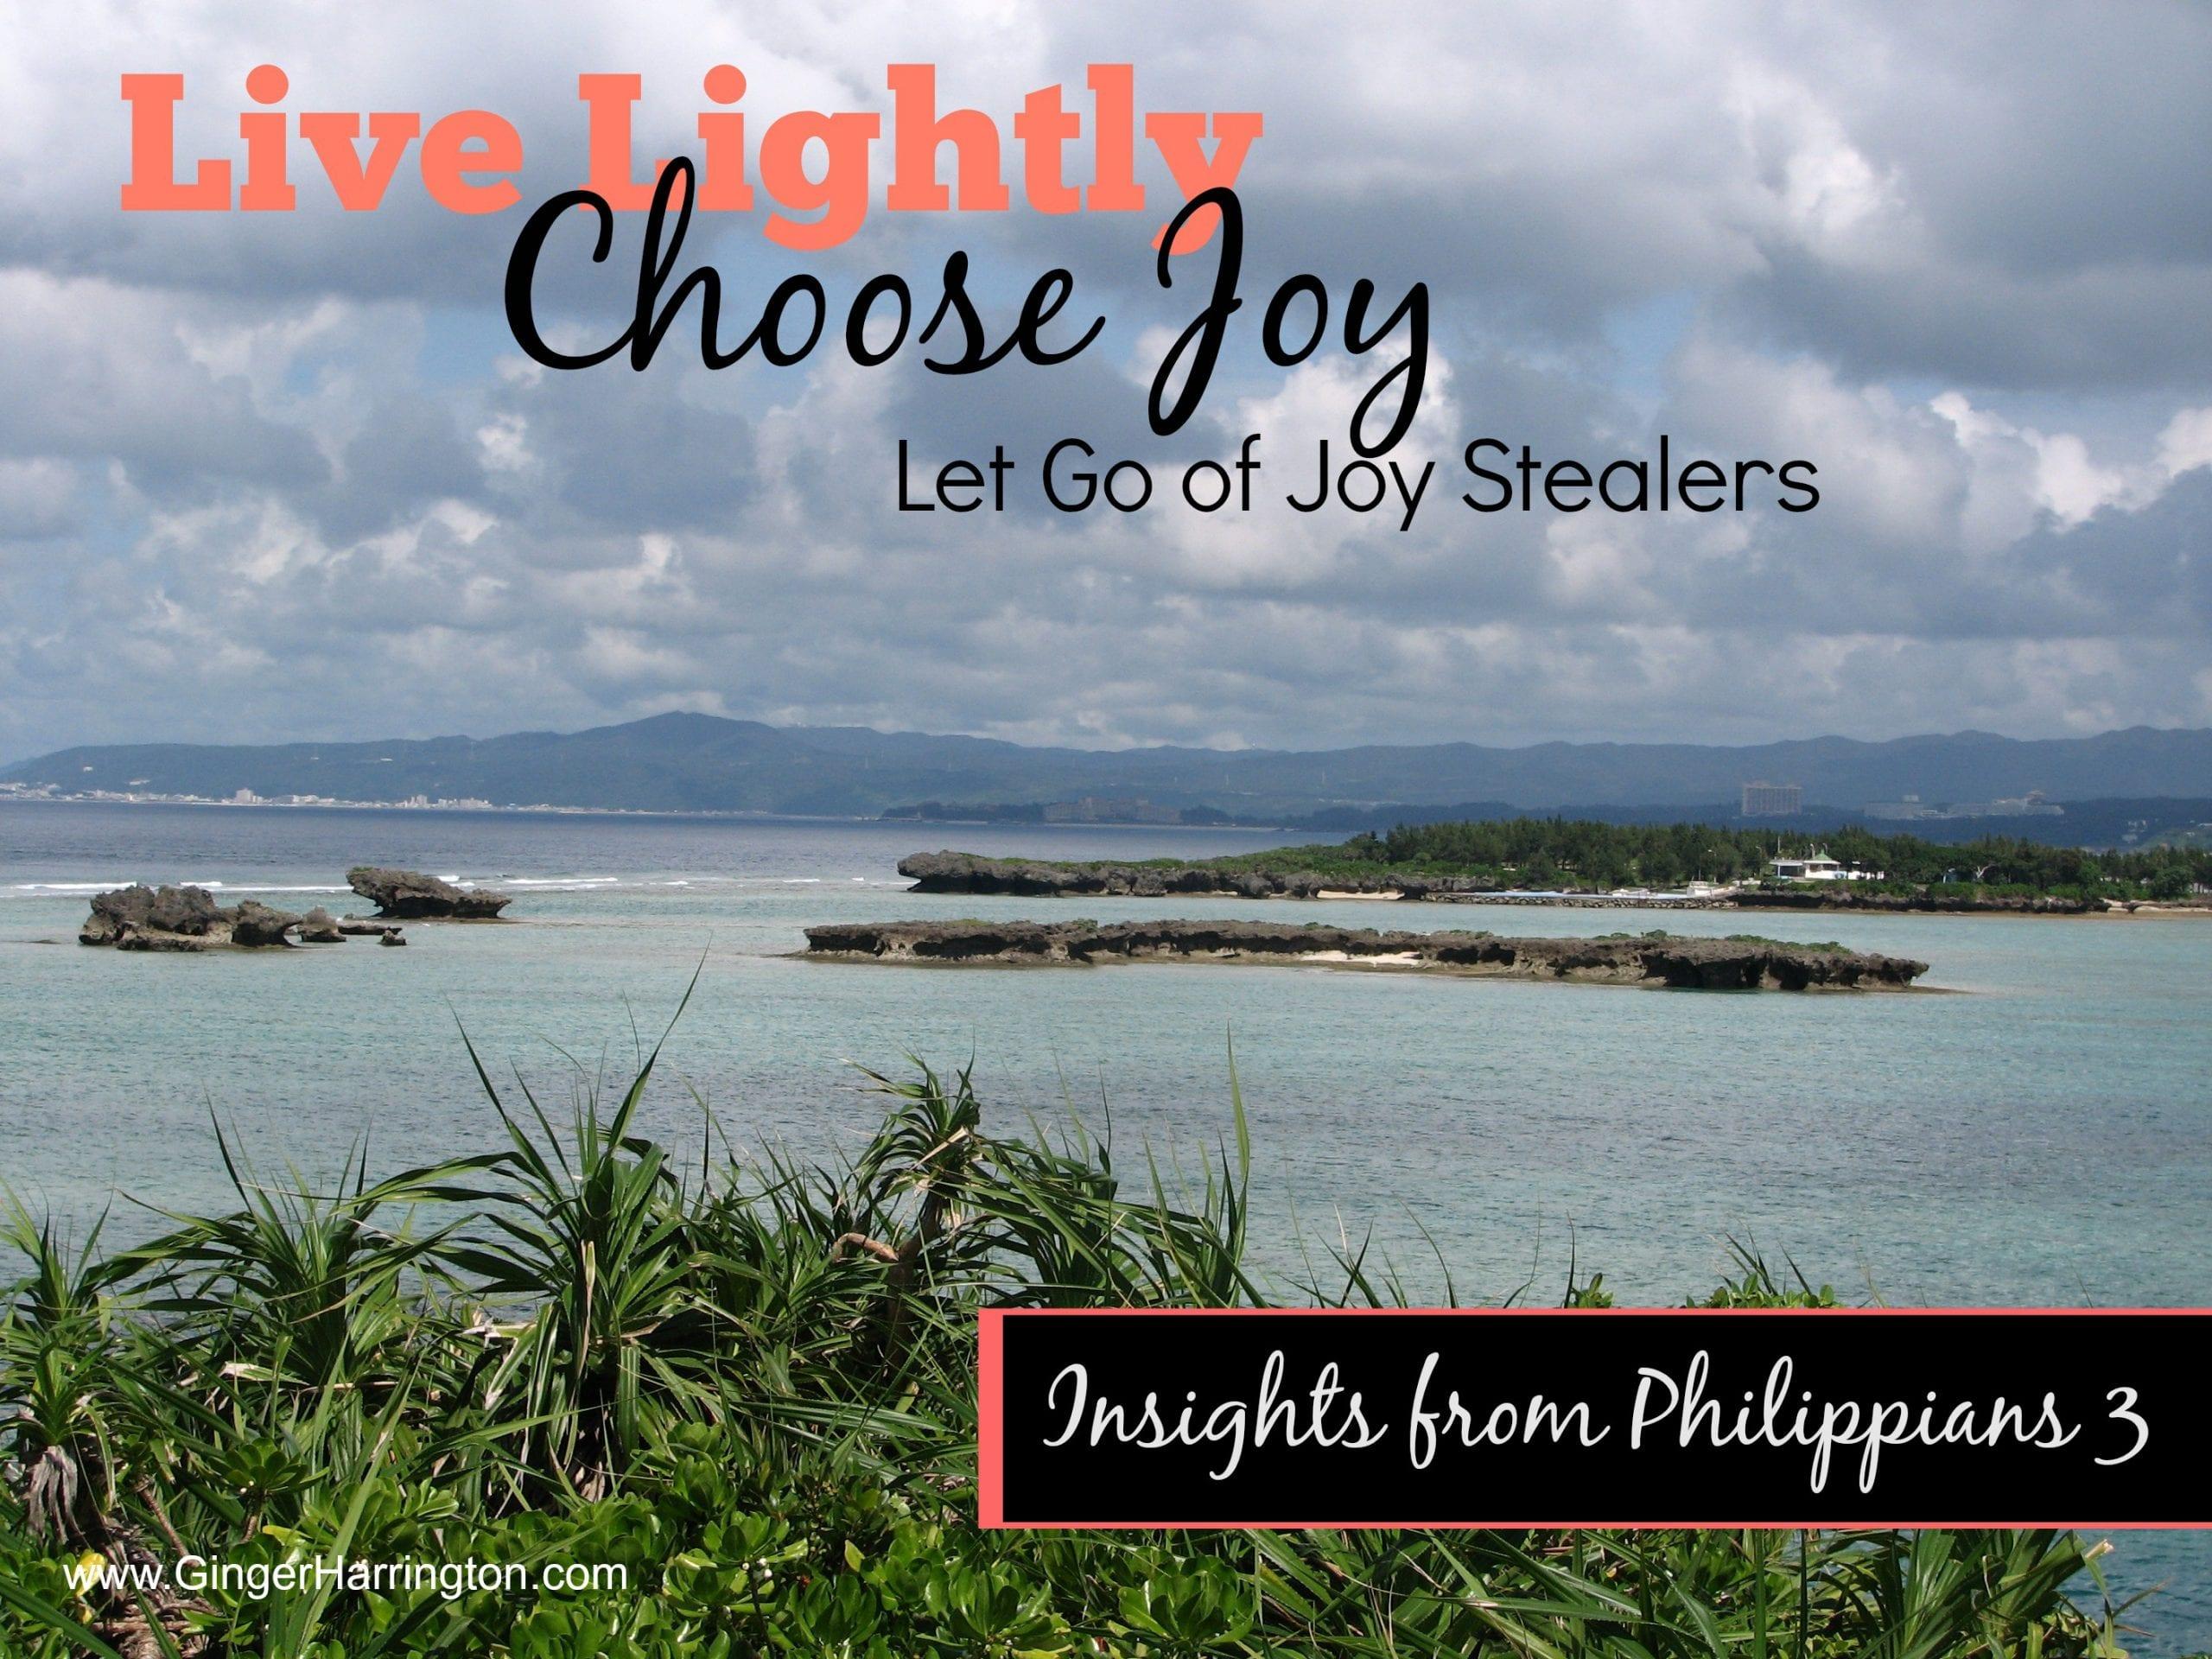 Choose Joy: Let Go of Joy Stealers